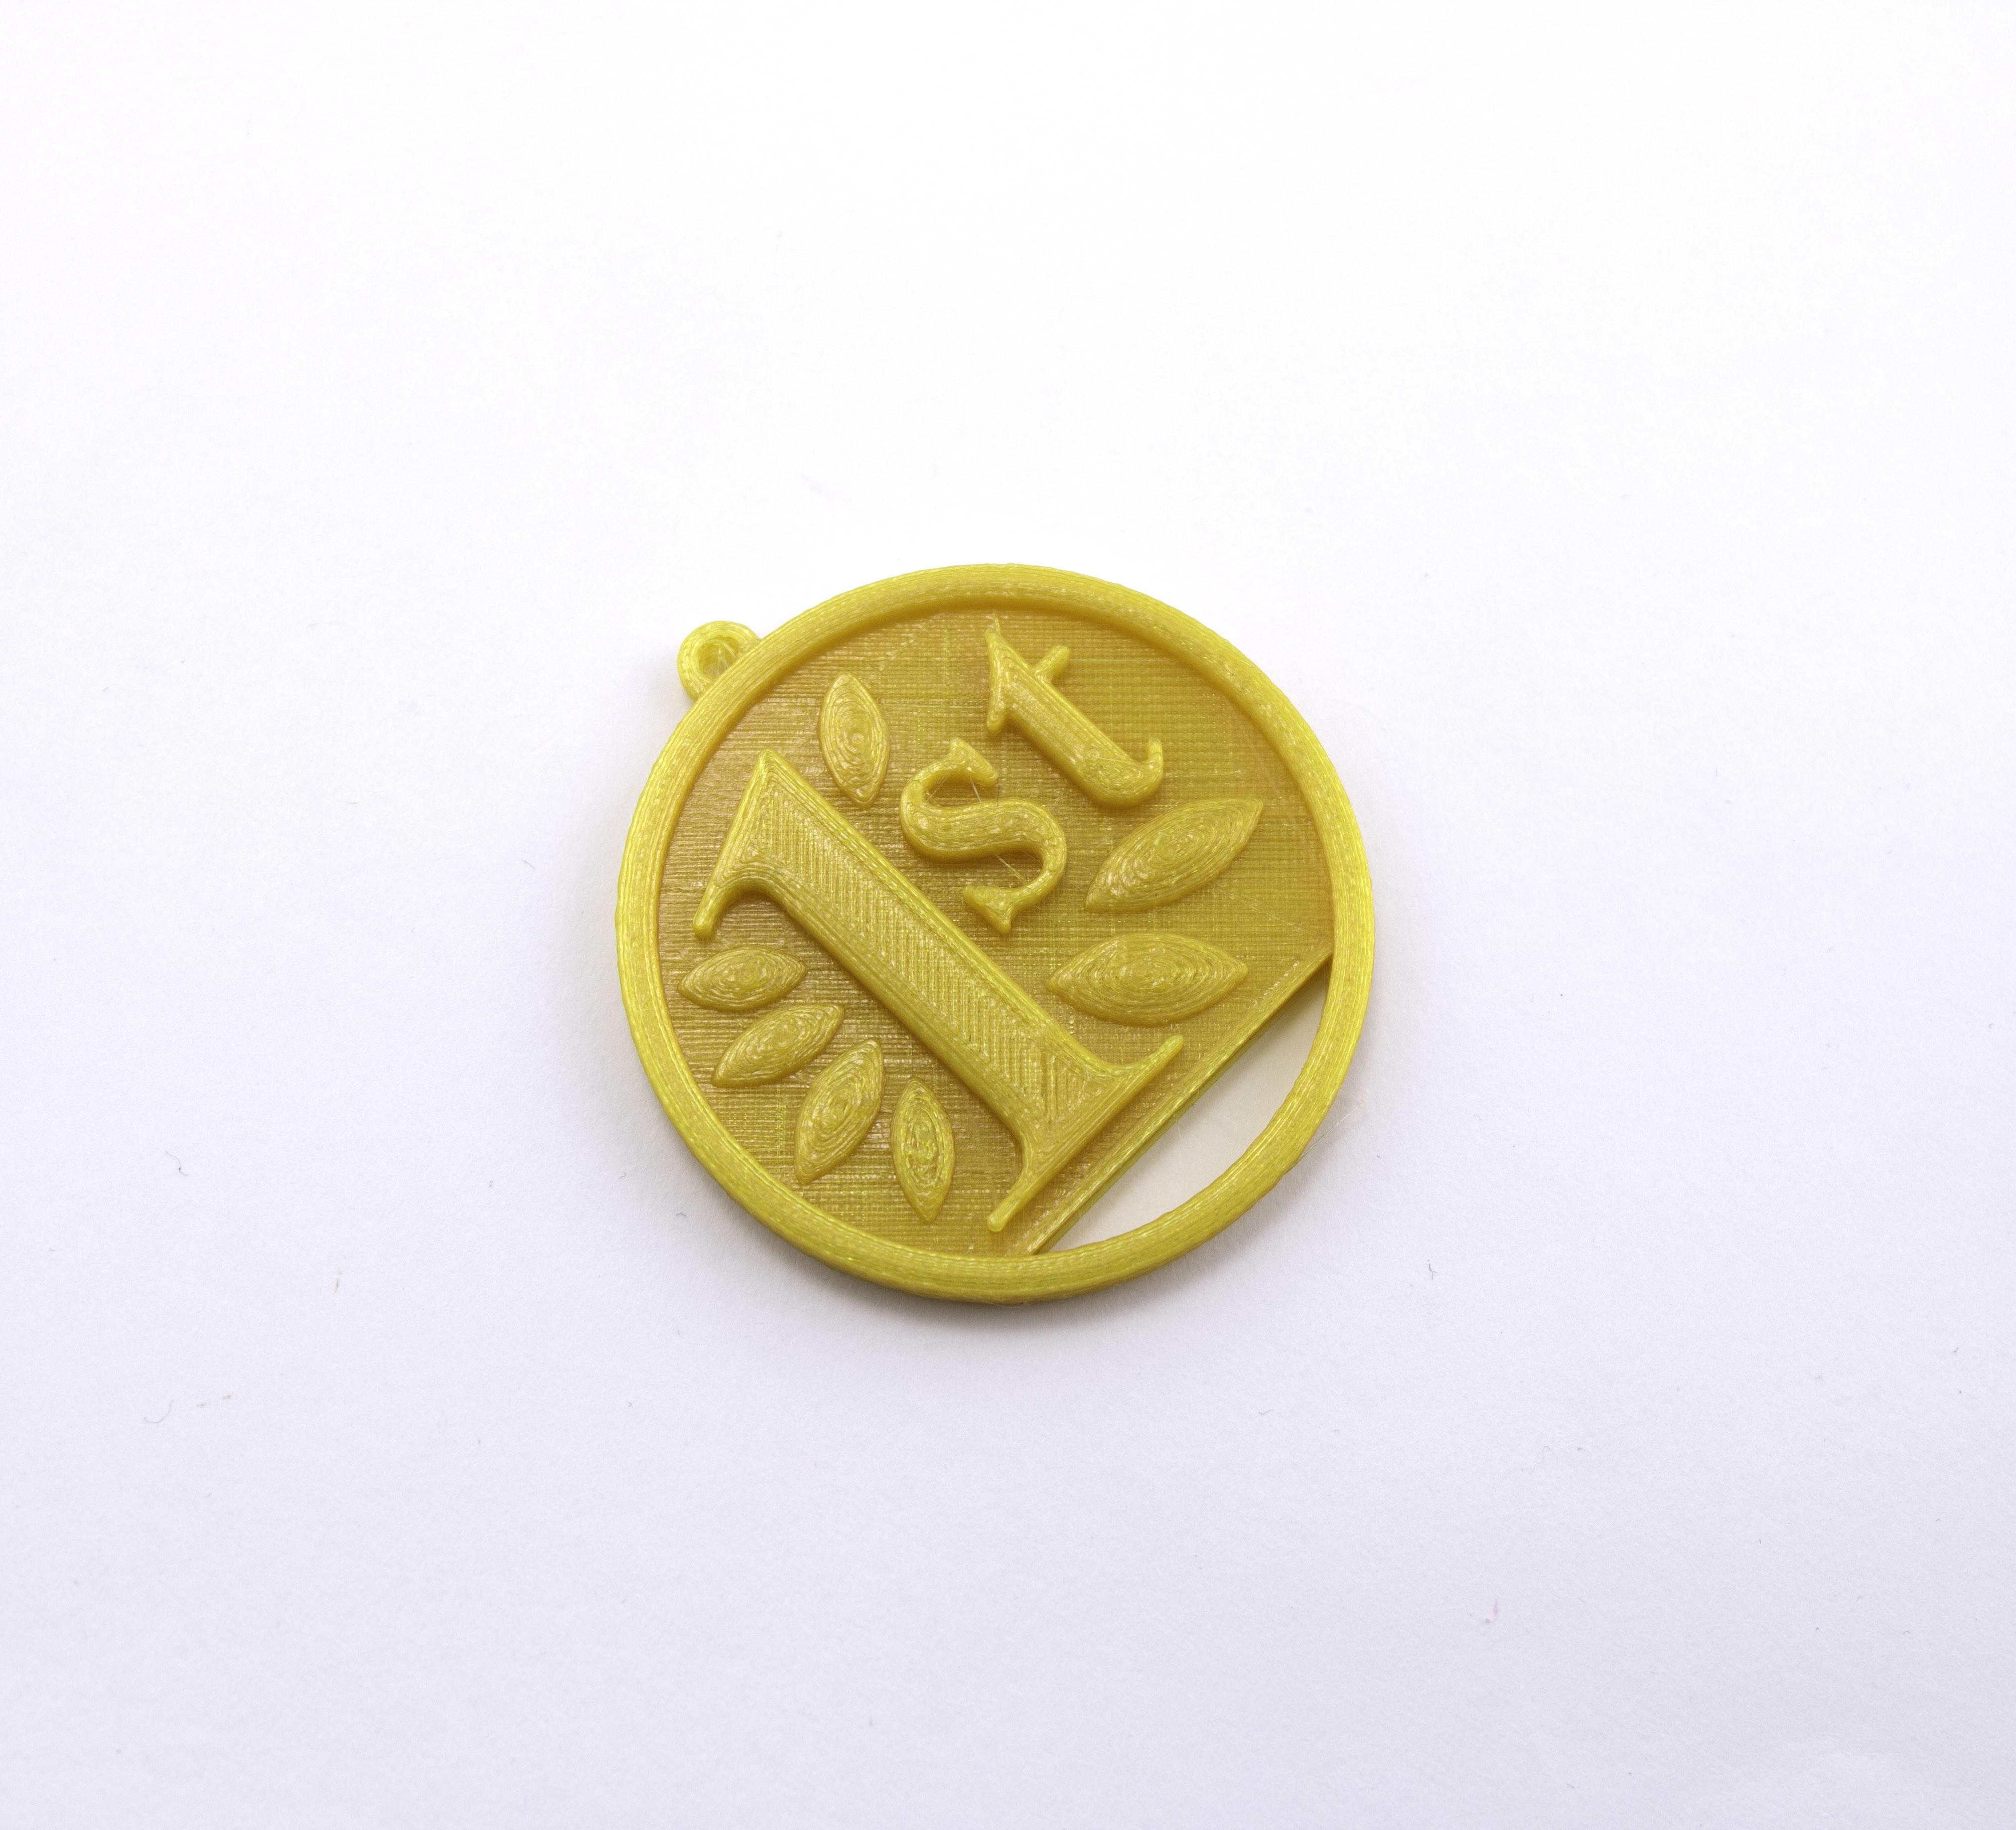 a46e1cff426a9cf5d209c79675438d45_1447961785711_NMD000505-4.jpg Download free STL file Winner's Medals • 3D printer template, Emiliano_Brignito